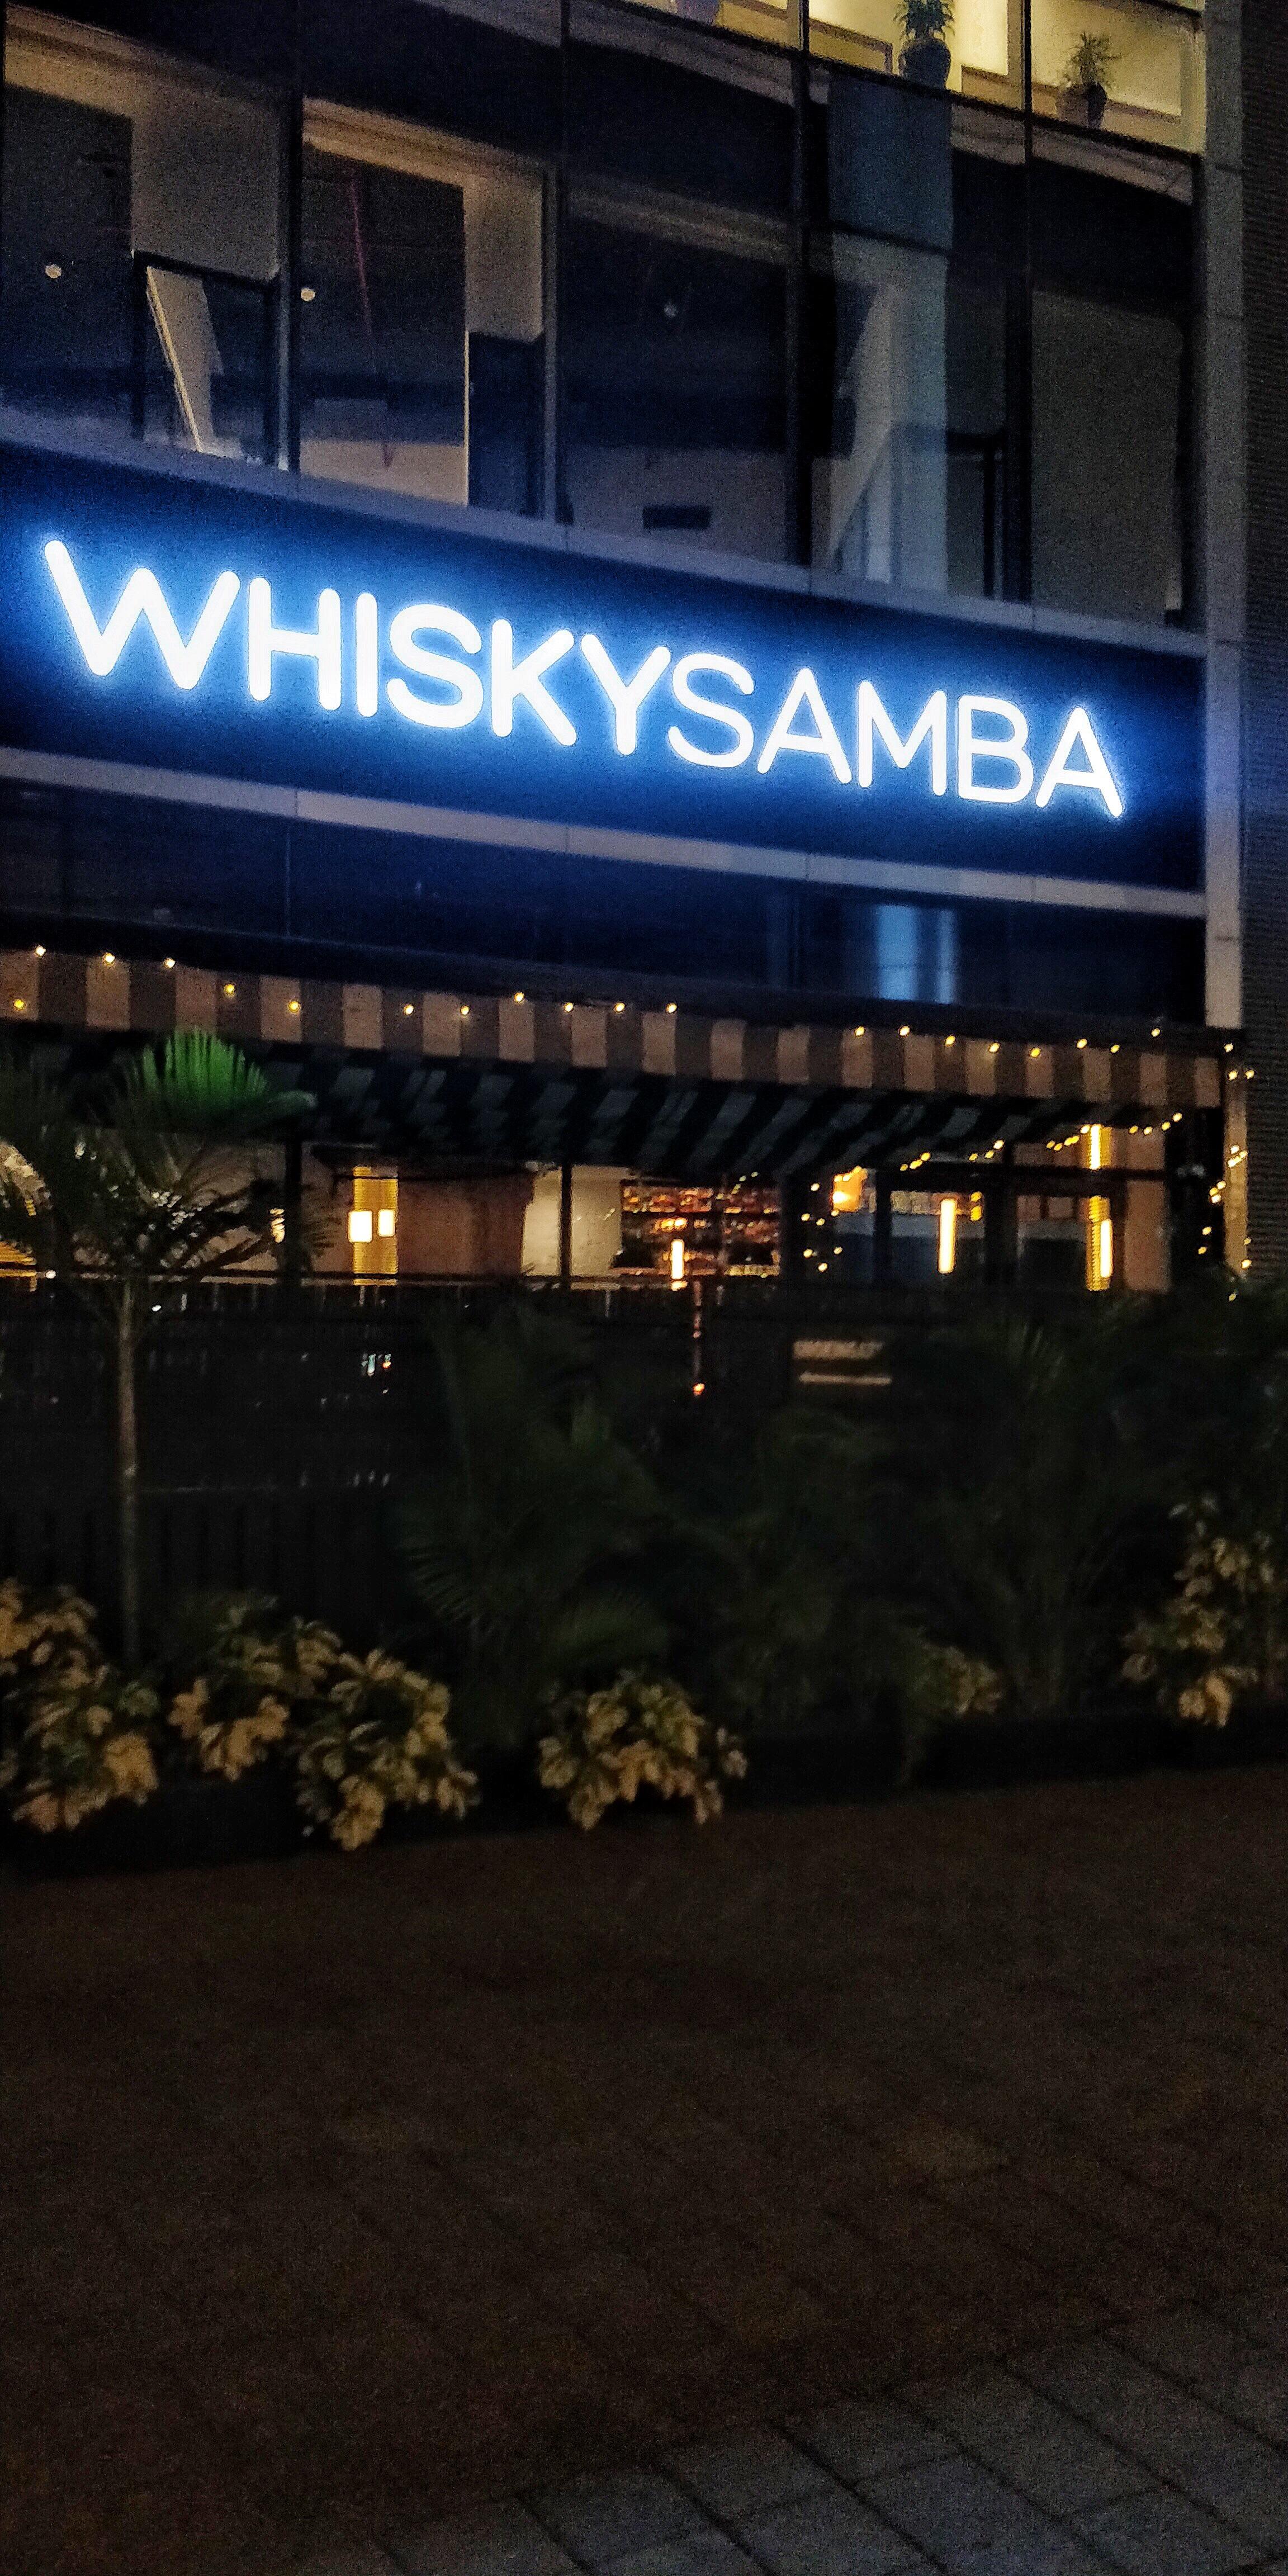 whiskysamba